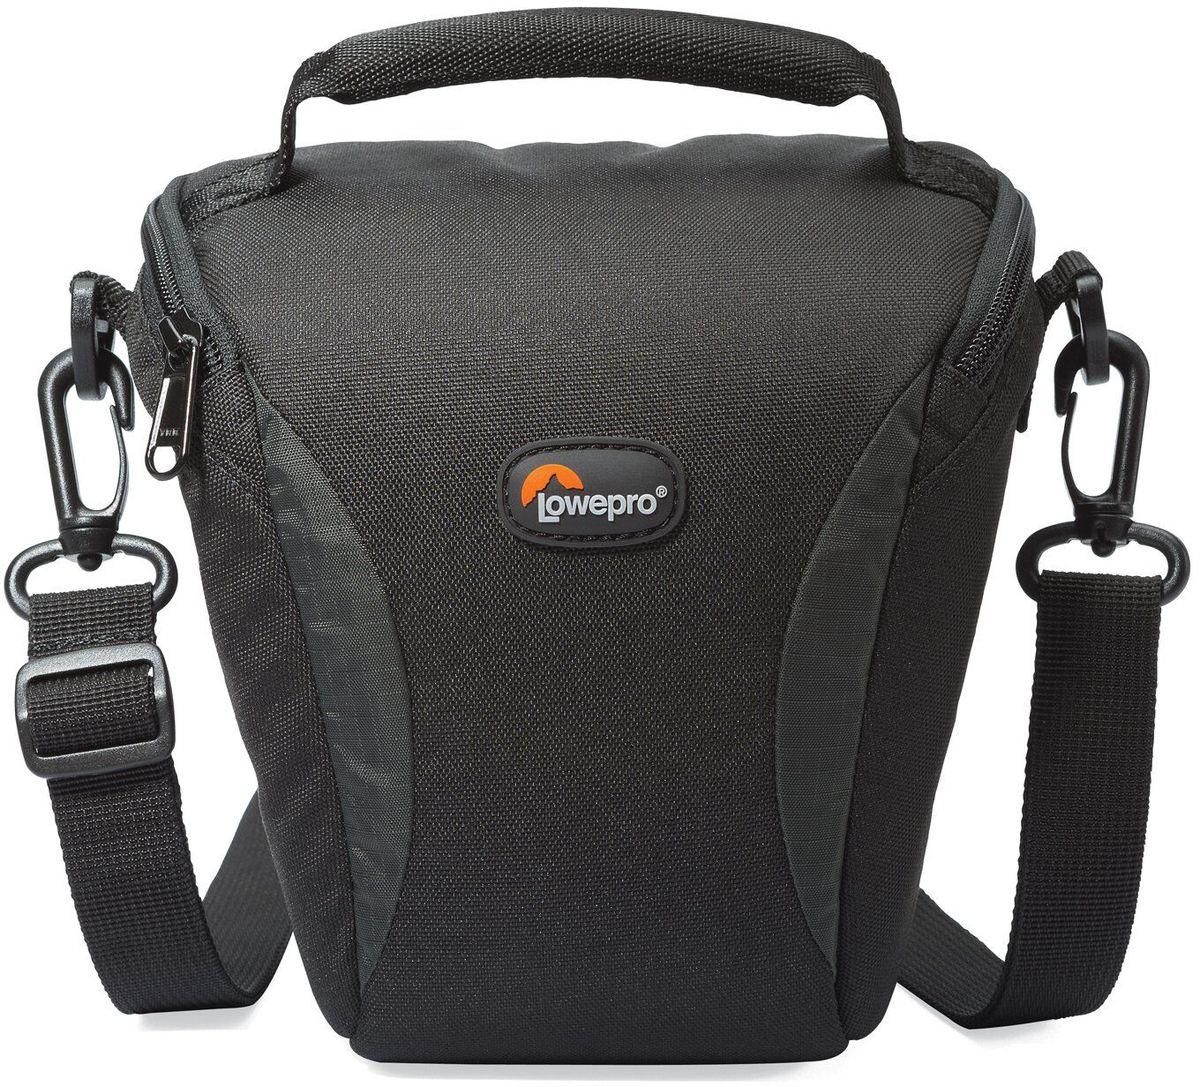 Lowepro Format TLZ 20, Black сумка для фотокамерыLP36621-0RUЛегкие современные сумки серии Format отлично подойдут для фотографов, которым нужна стильная, компактная и надежная защита своего оборудования. Прочный материал, стойкий к любым атмосферным условиям, обеспечит долгий срок службы сумки и надежную защиту камеры.